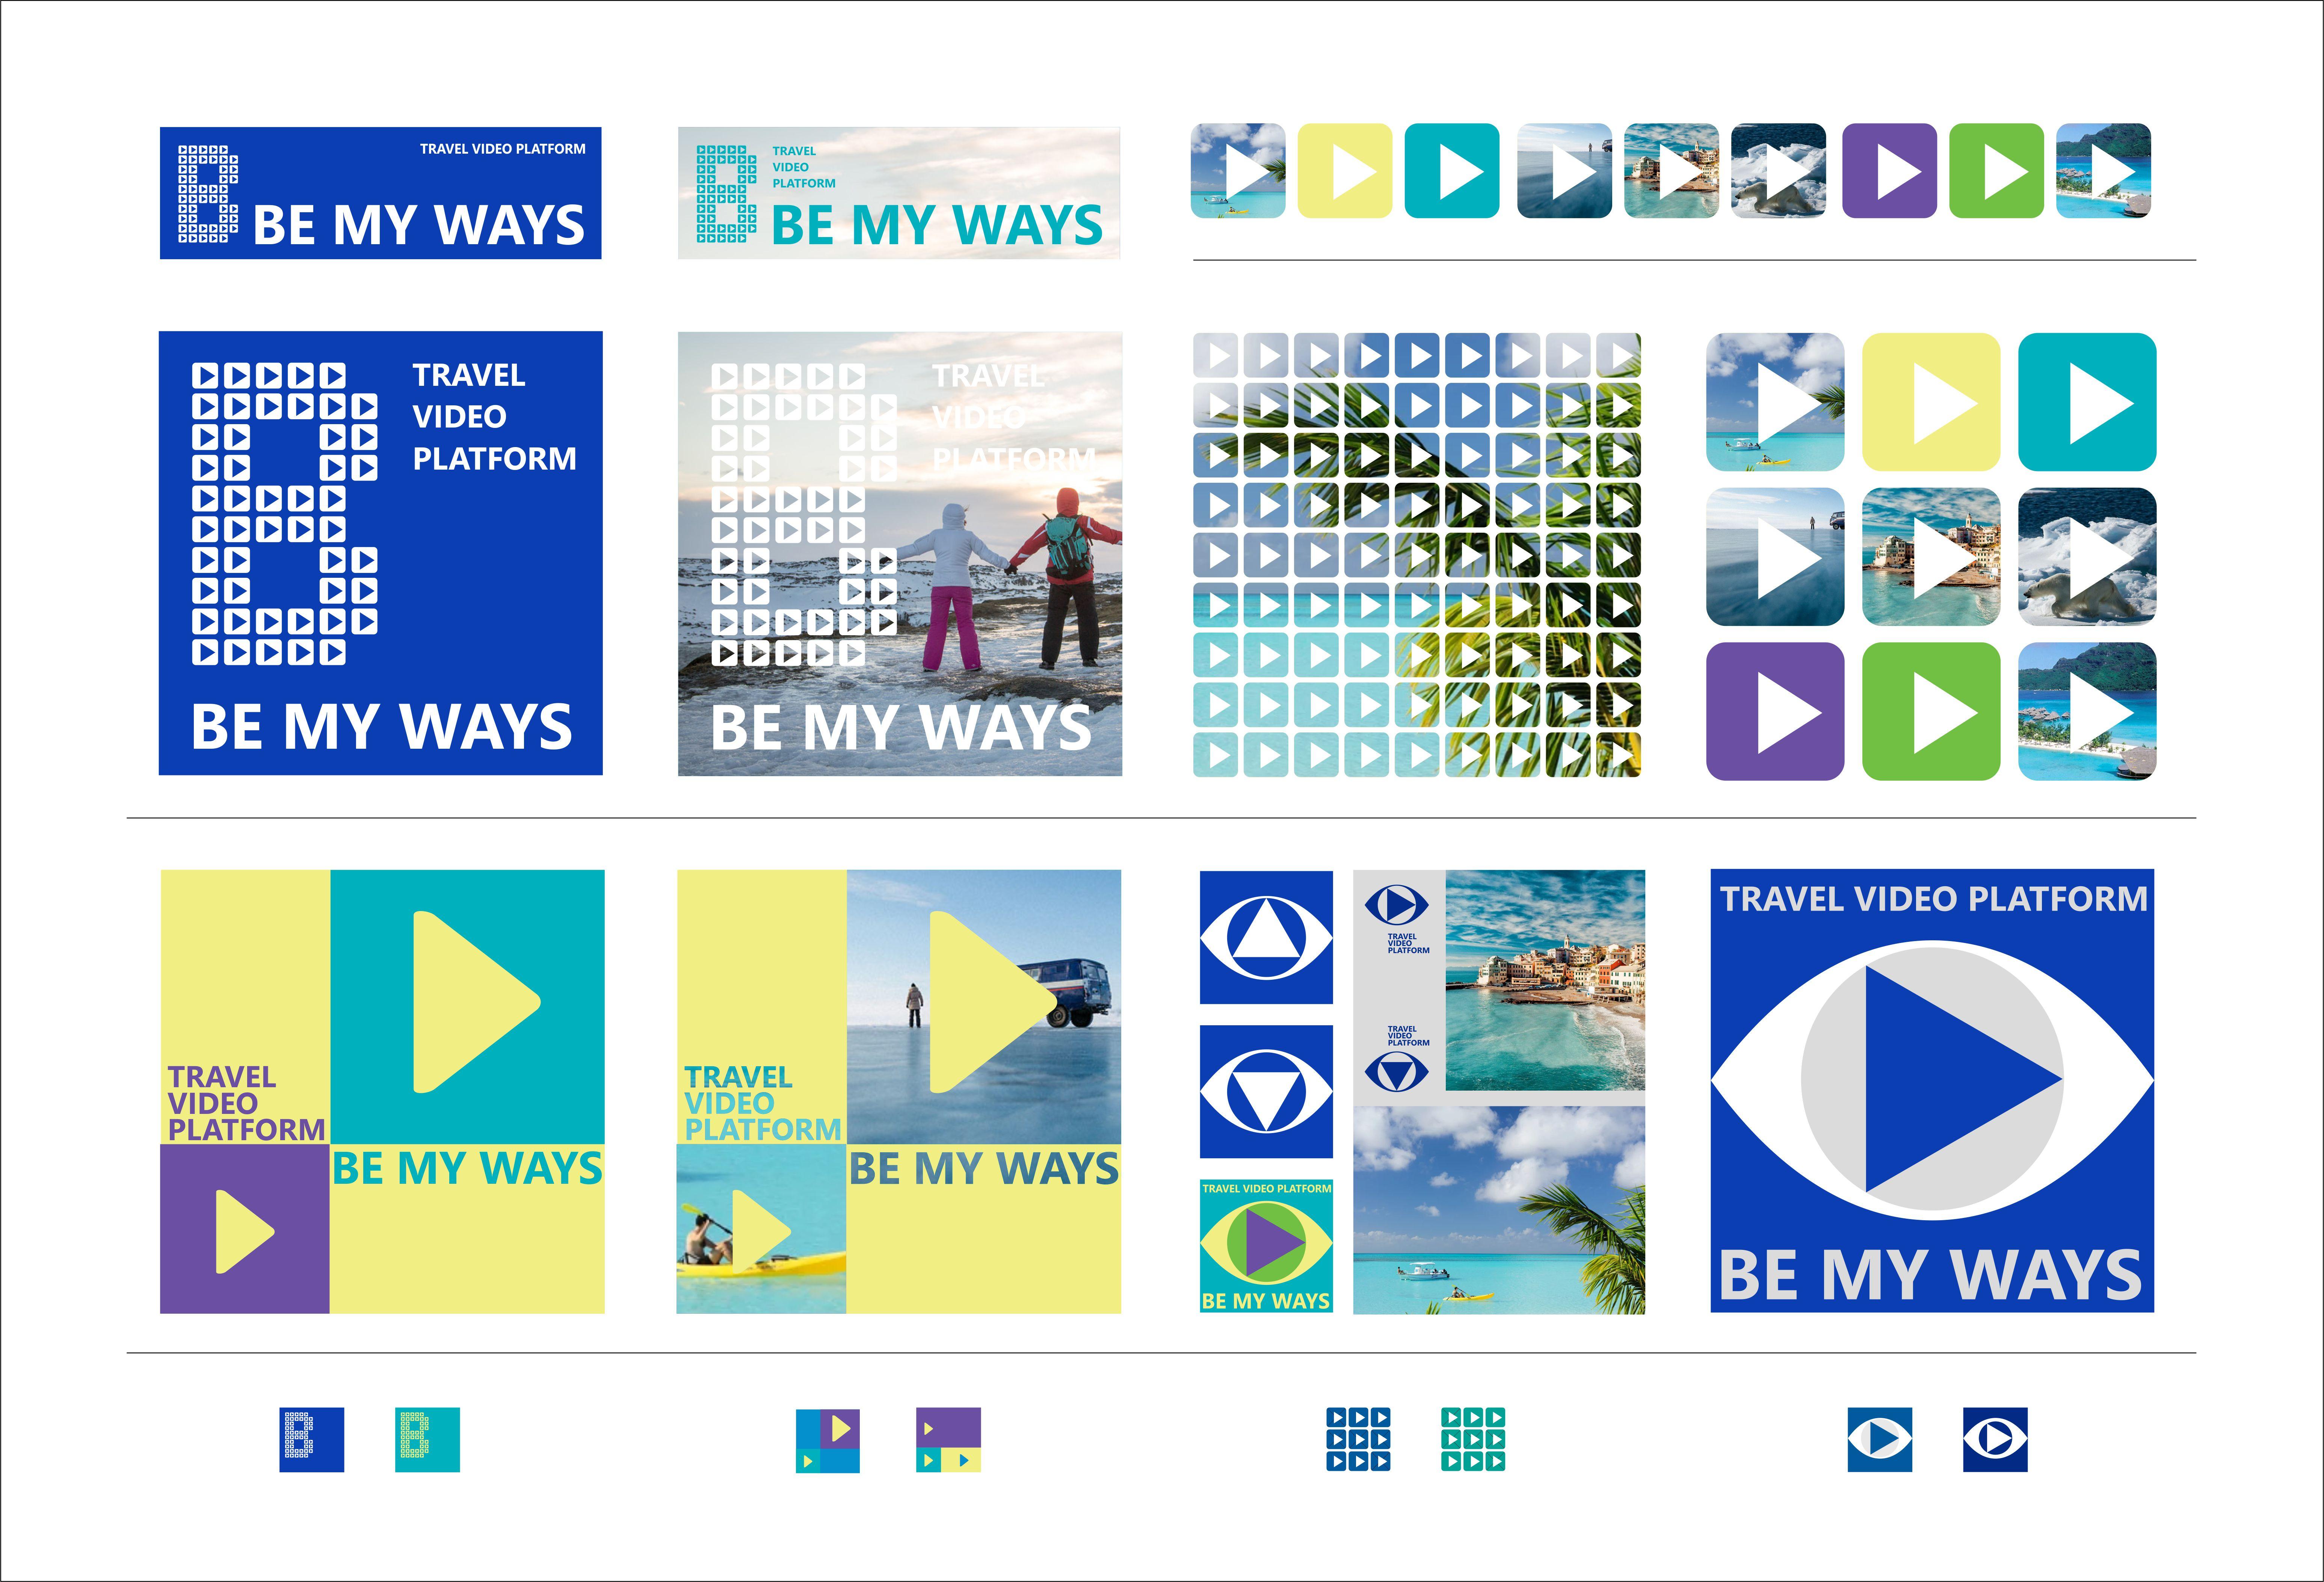 Разработка логотипа и иконки для Travel Video Platform фото f_8115c3732d782ba4.jpg